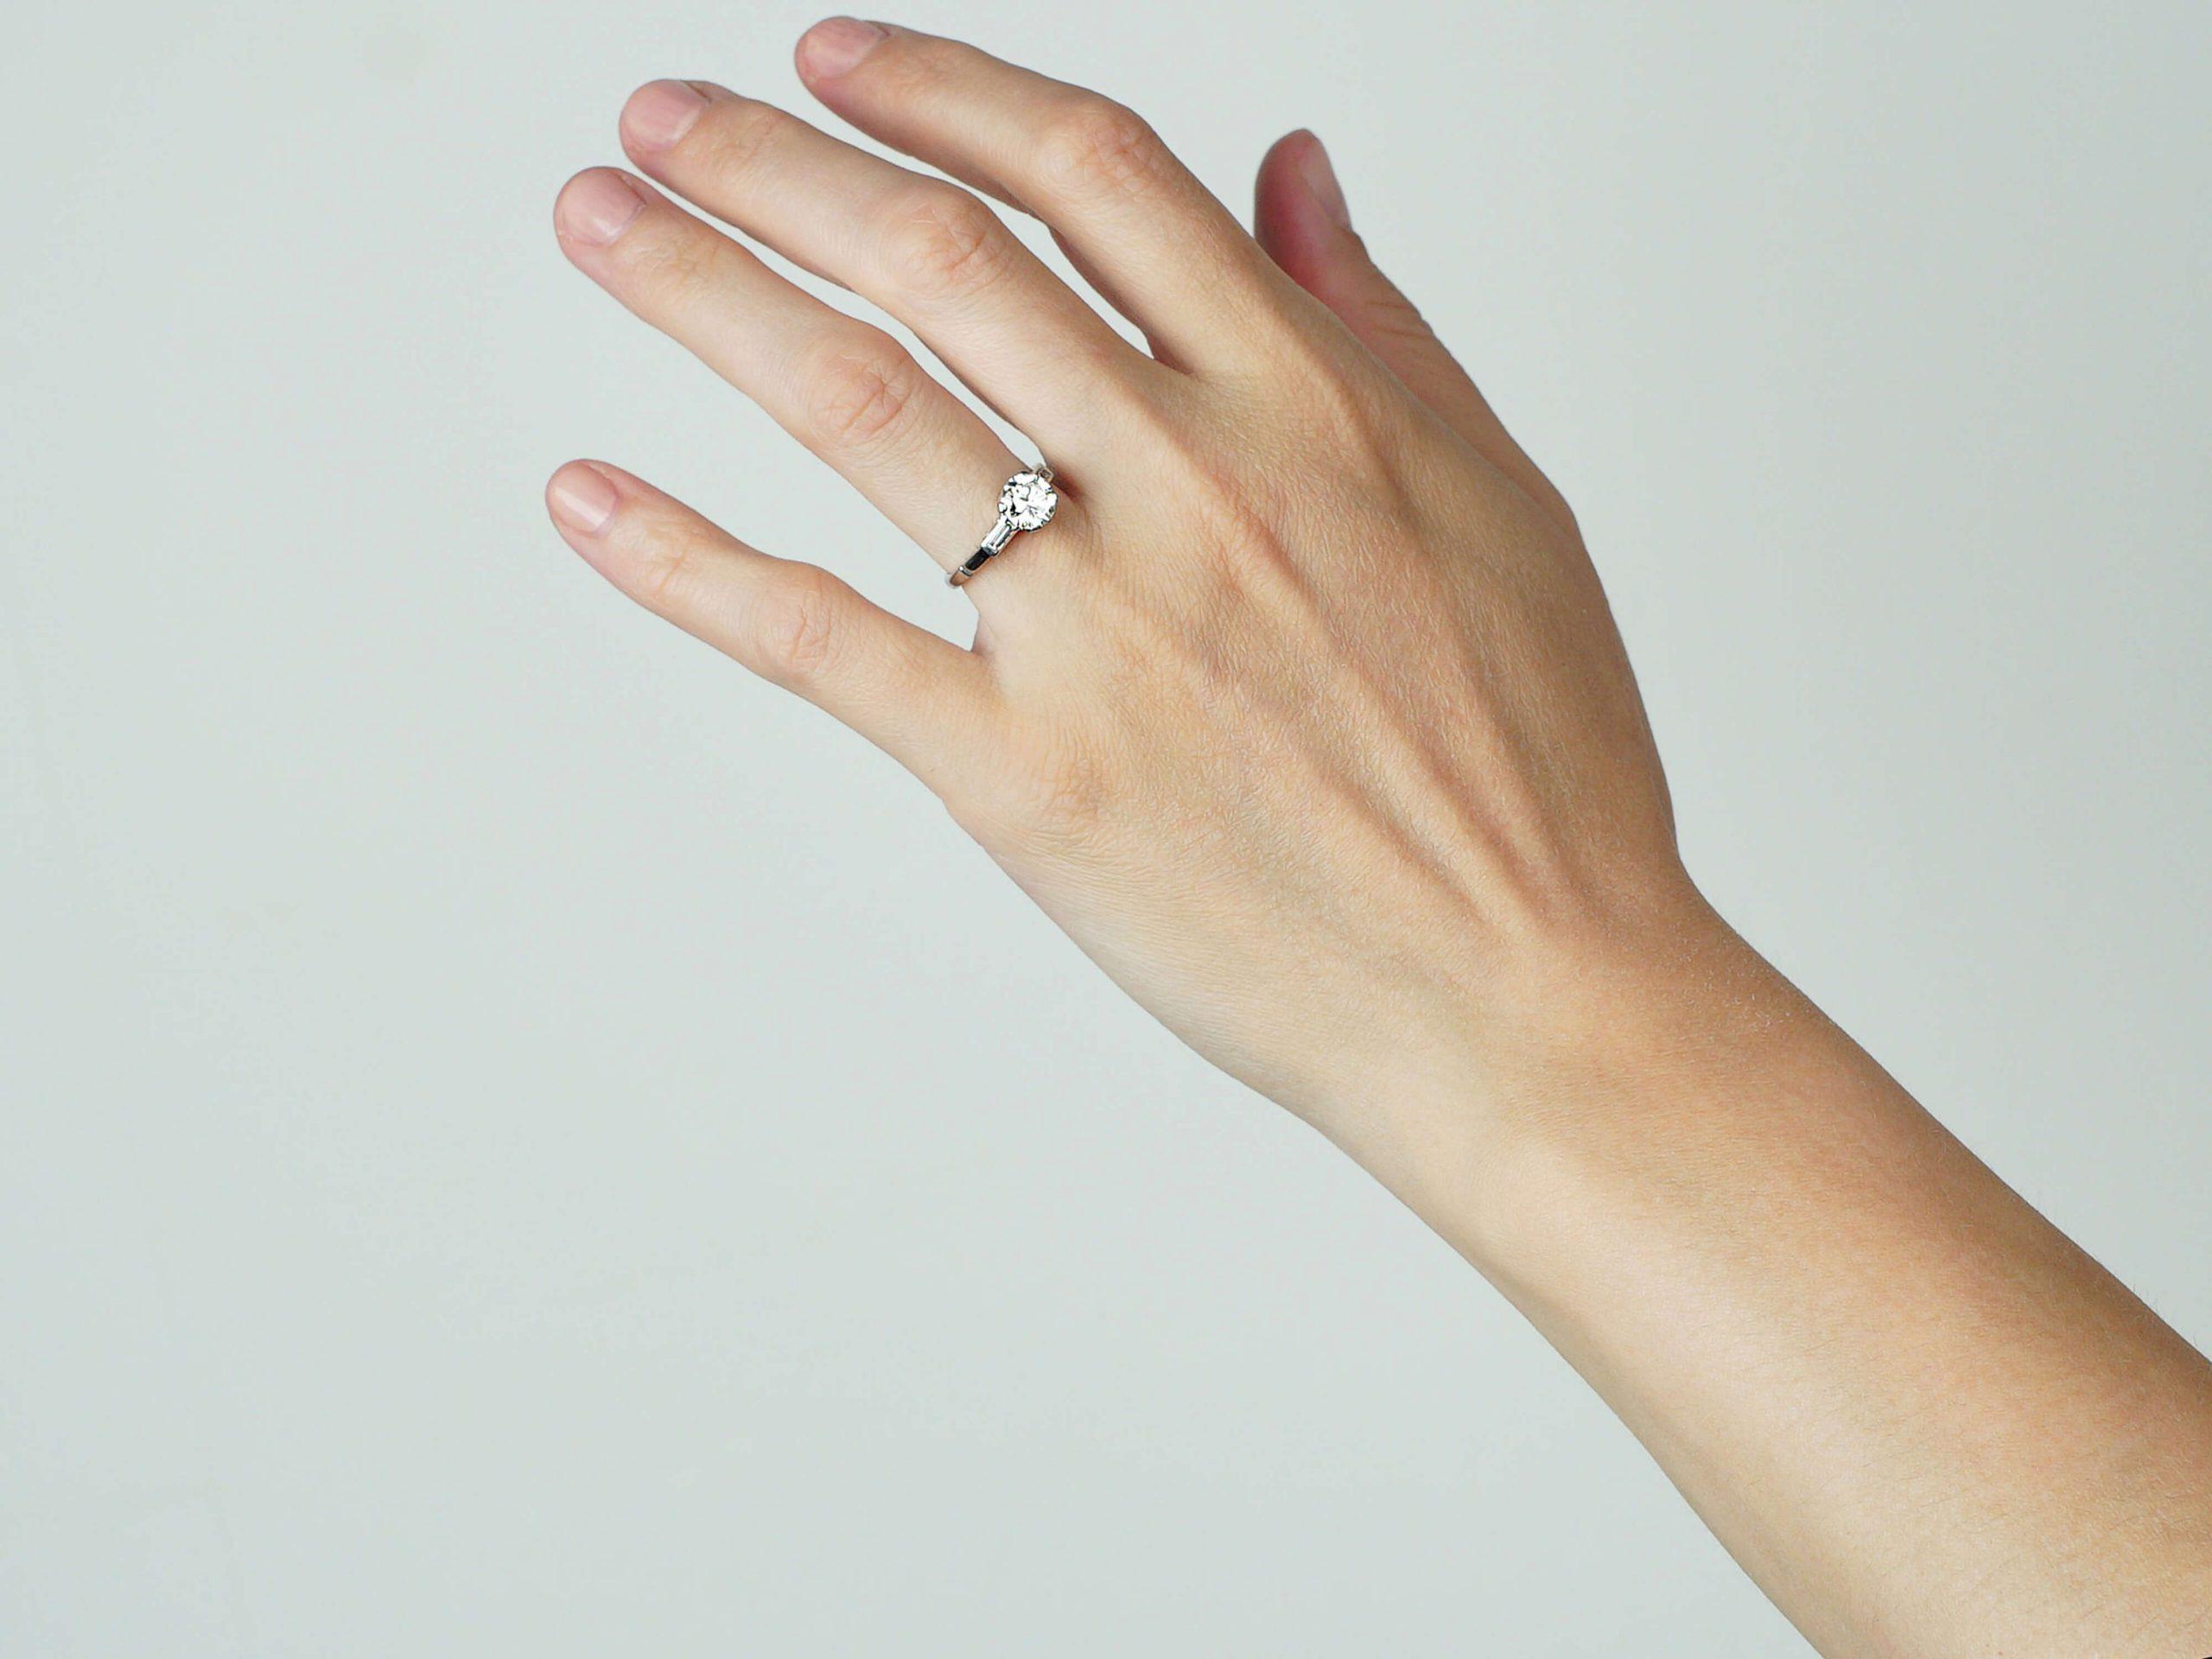 Art Deco Platinum, Diamond Solitaire Ring with Baguette Diamond Shoulders